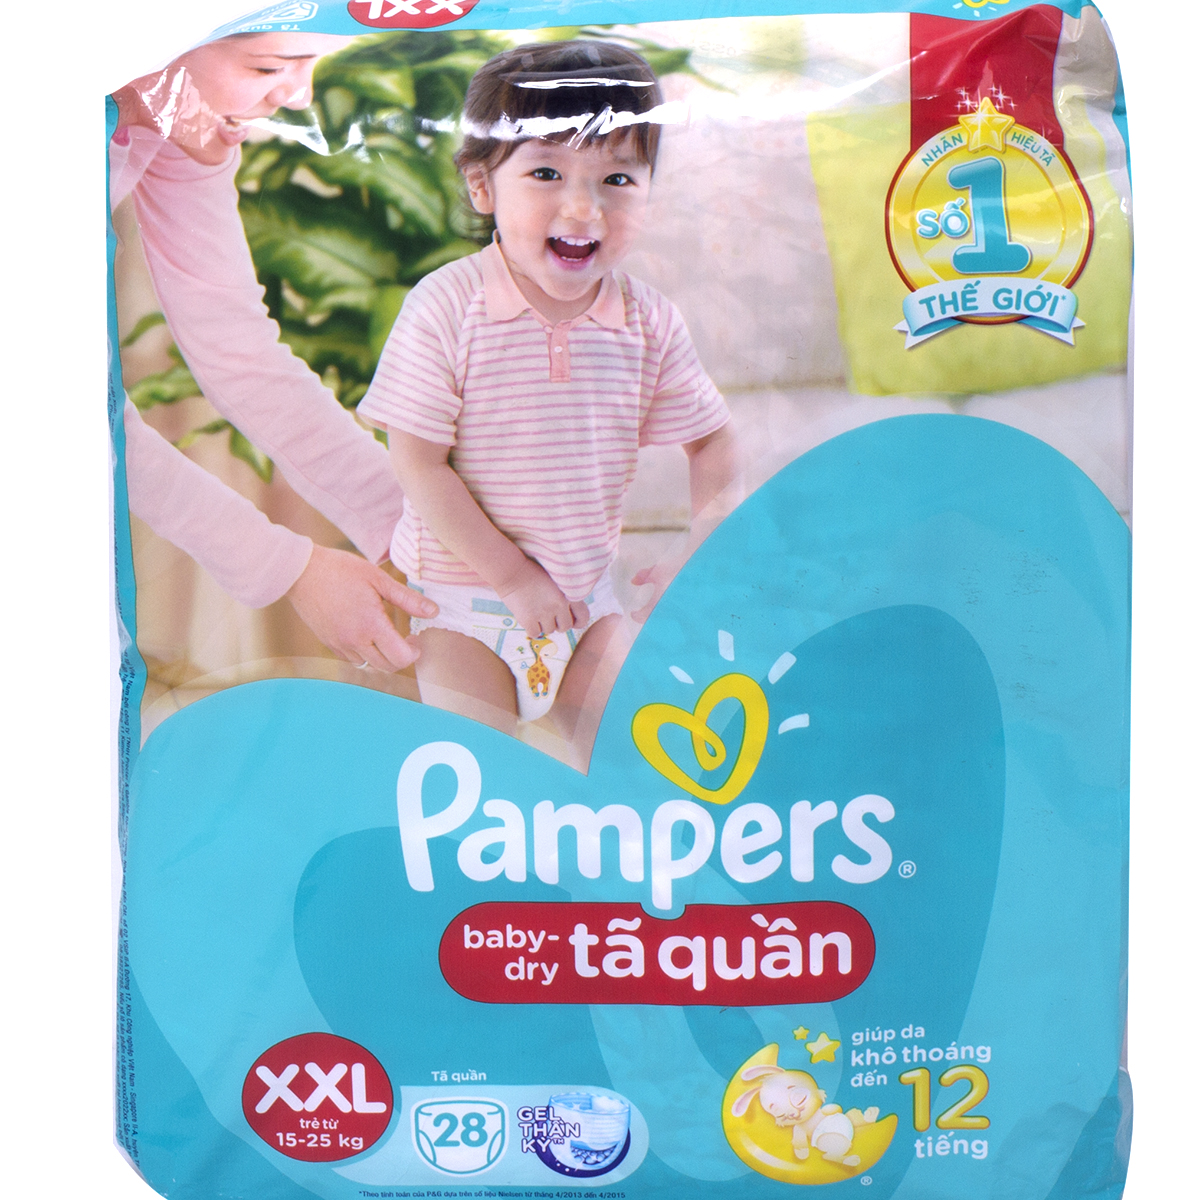 Ta - Bim quan Pampers XXL28 danh cho be 15 den 25kg